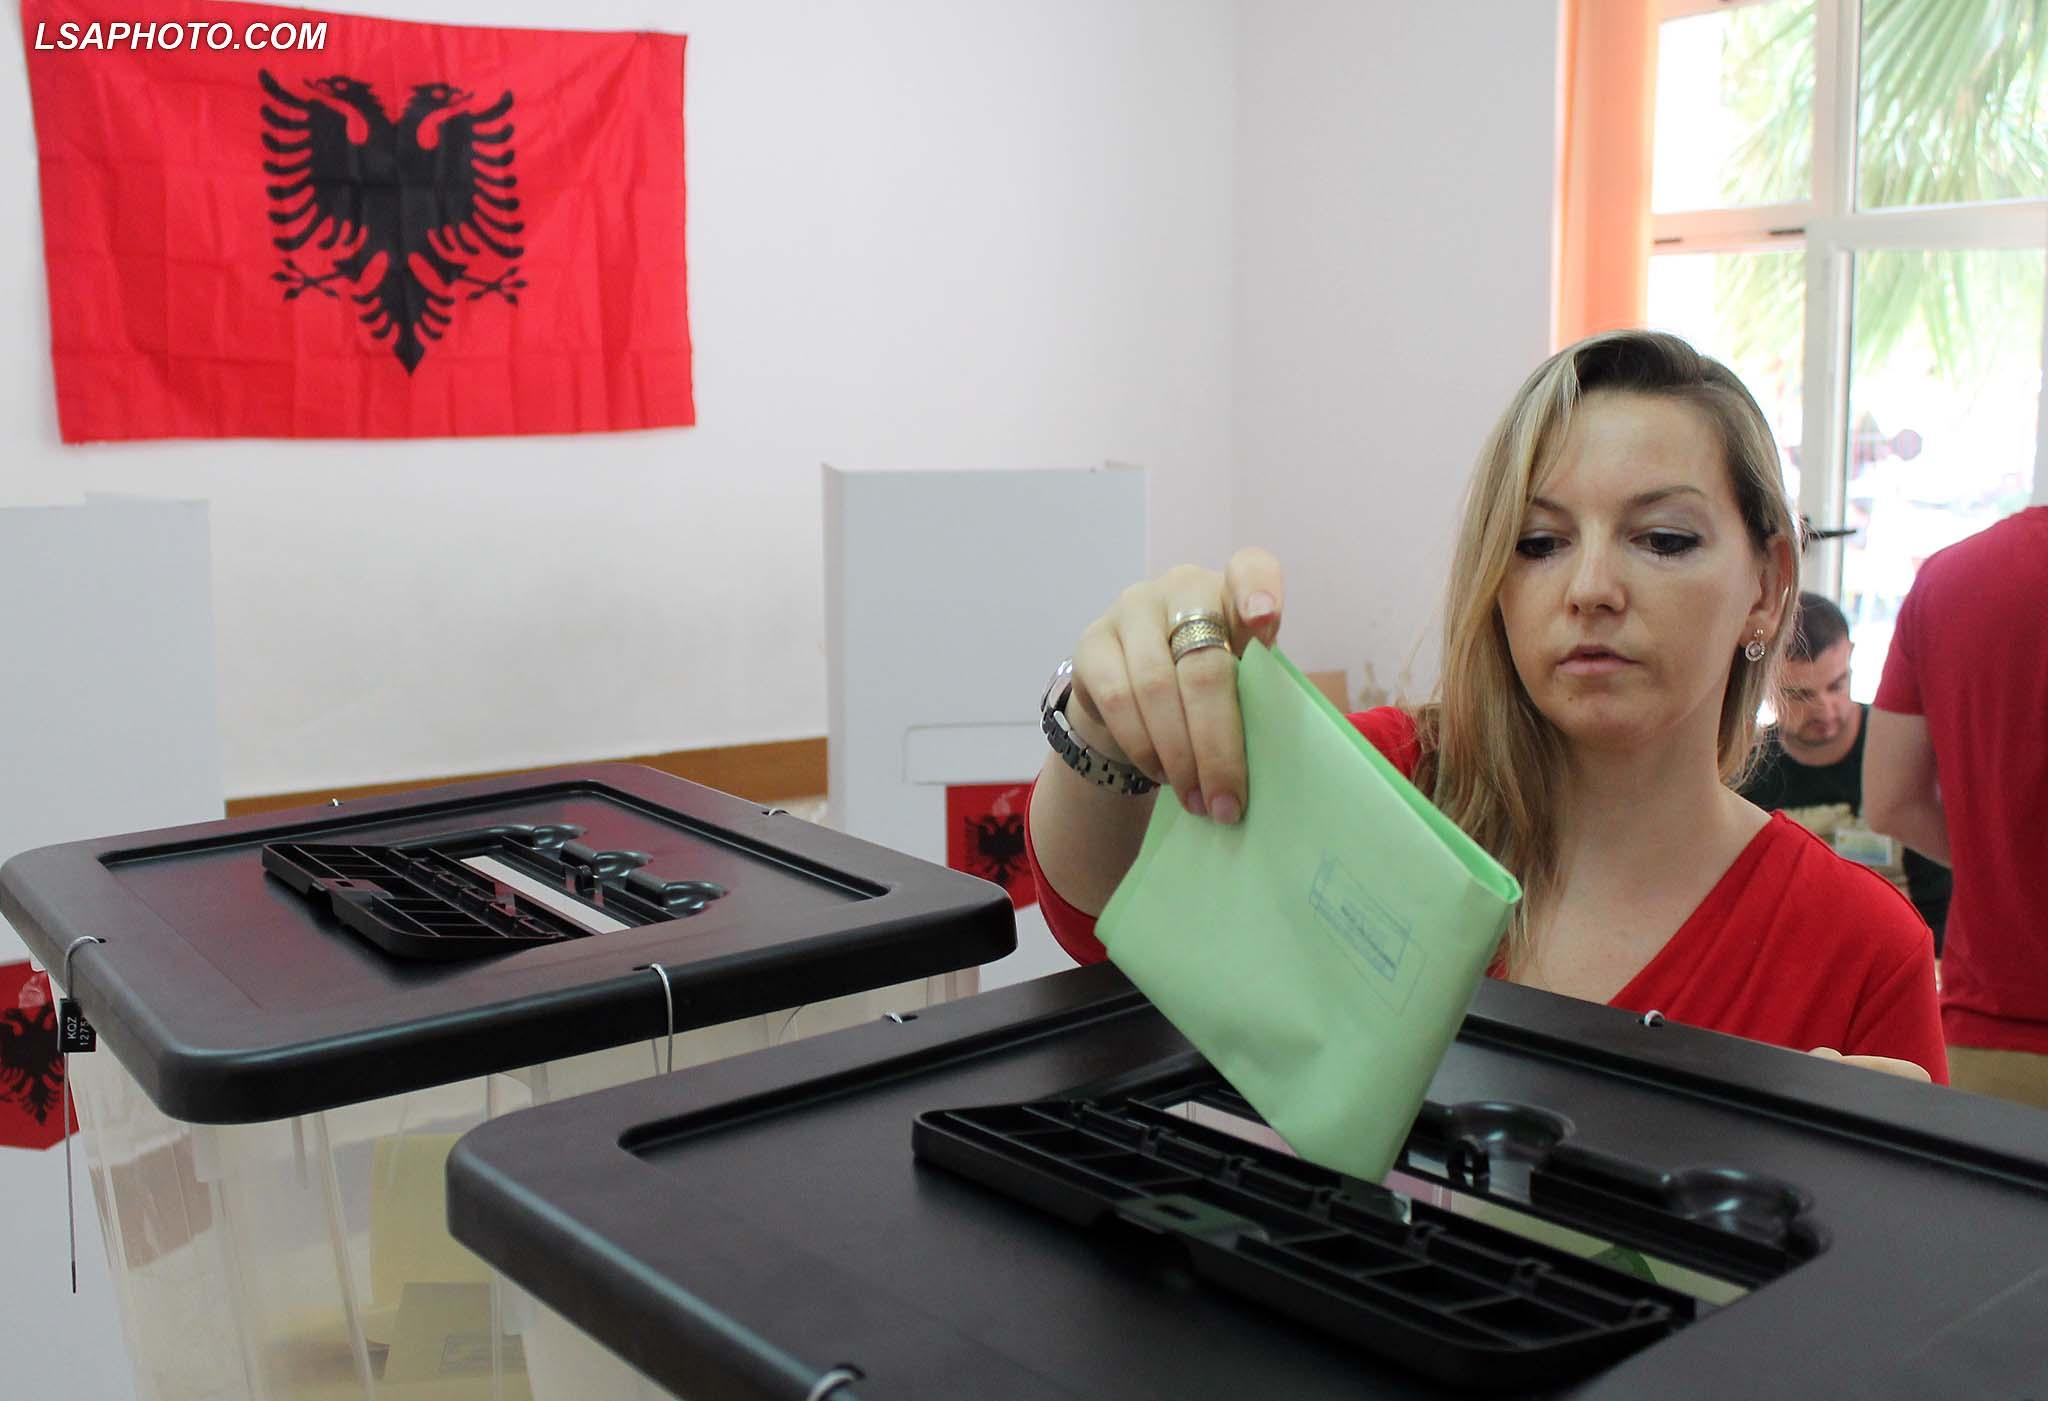 Μαζική αποχή και κατηγορίες για νοθεία στις μονοκομματικές εκλογές στην Αλβανία